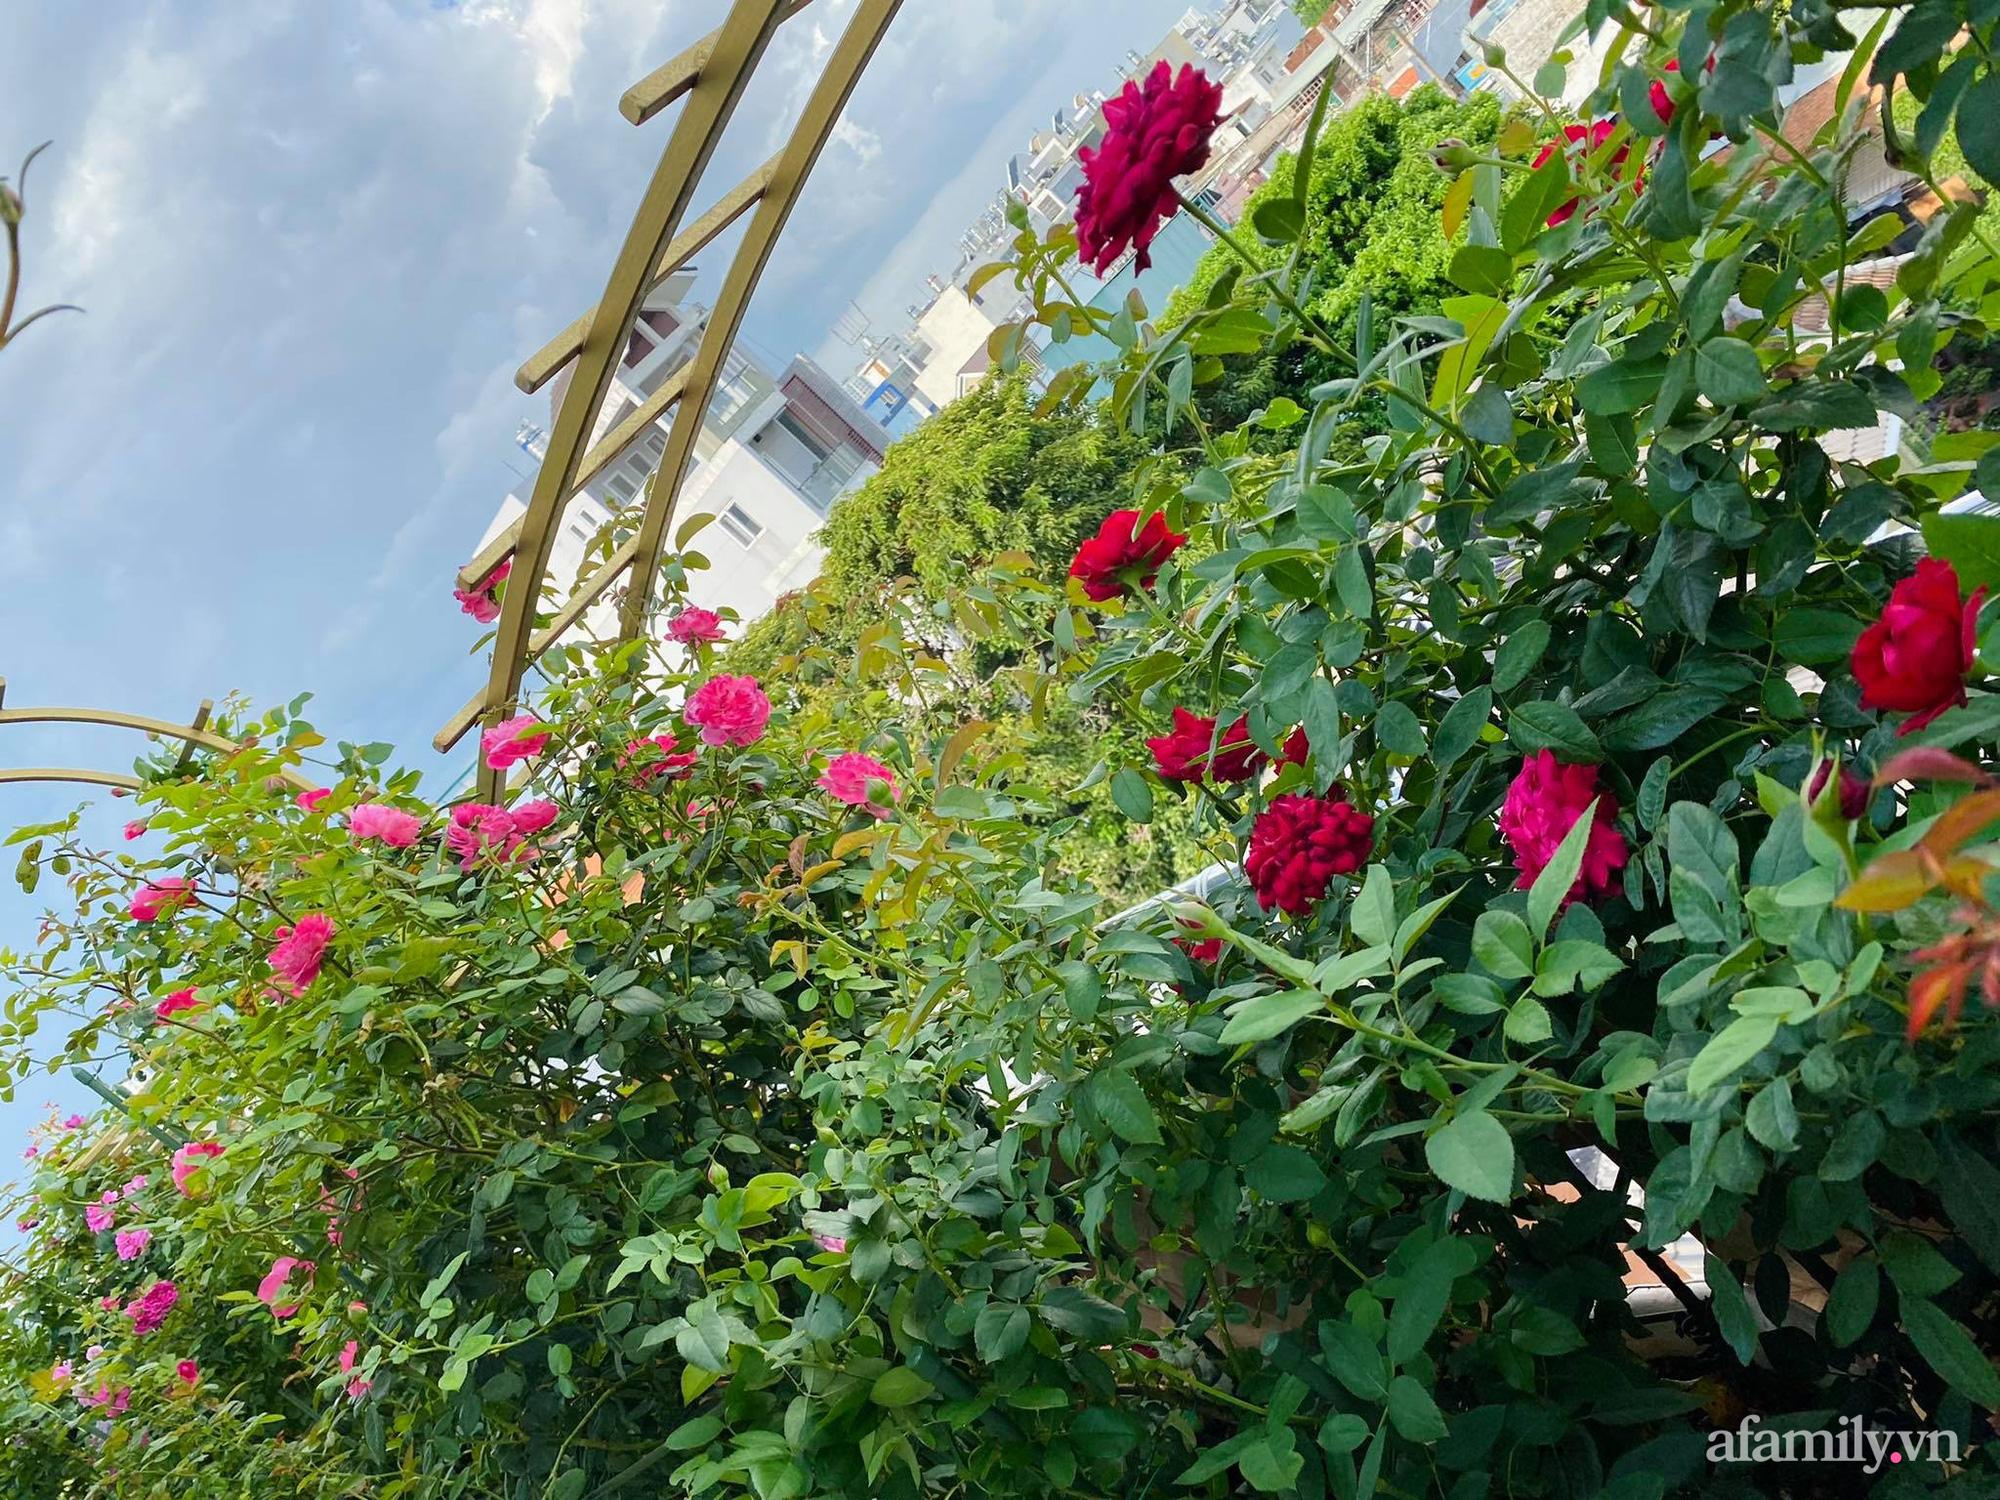 Sân thượng phủ kín hoa hồng và rau quả sạch được chăm chút nhờ bàn tay khéo léo của Hoa hậu Janny Thủy Trần - Ảnh 6.